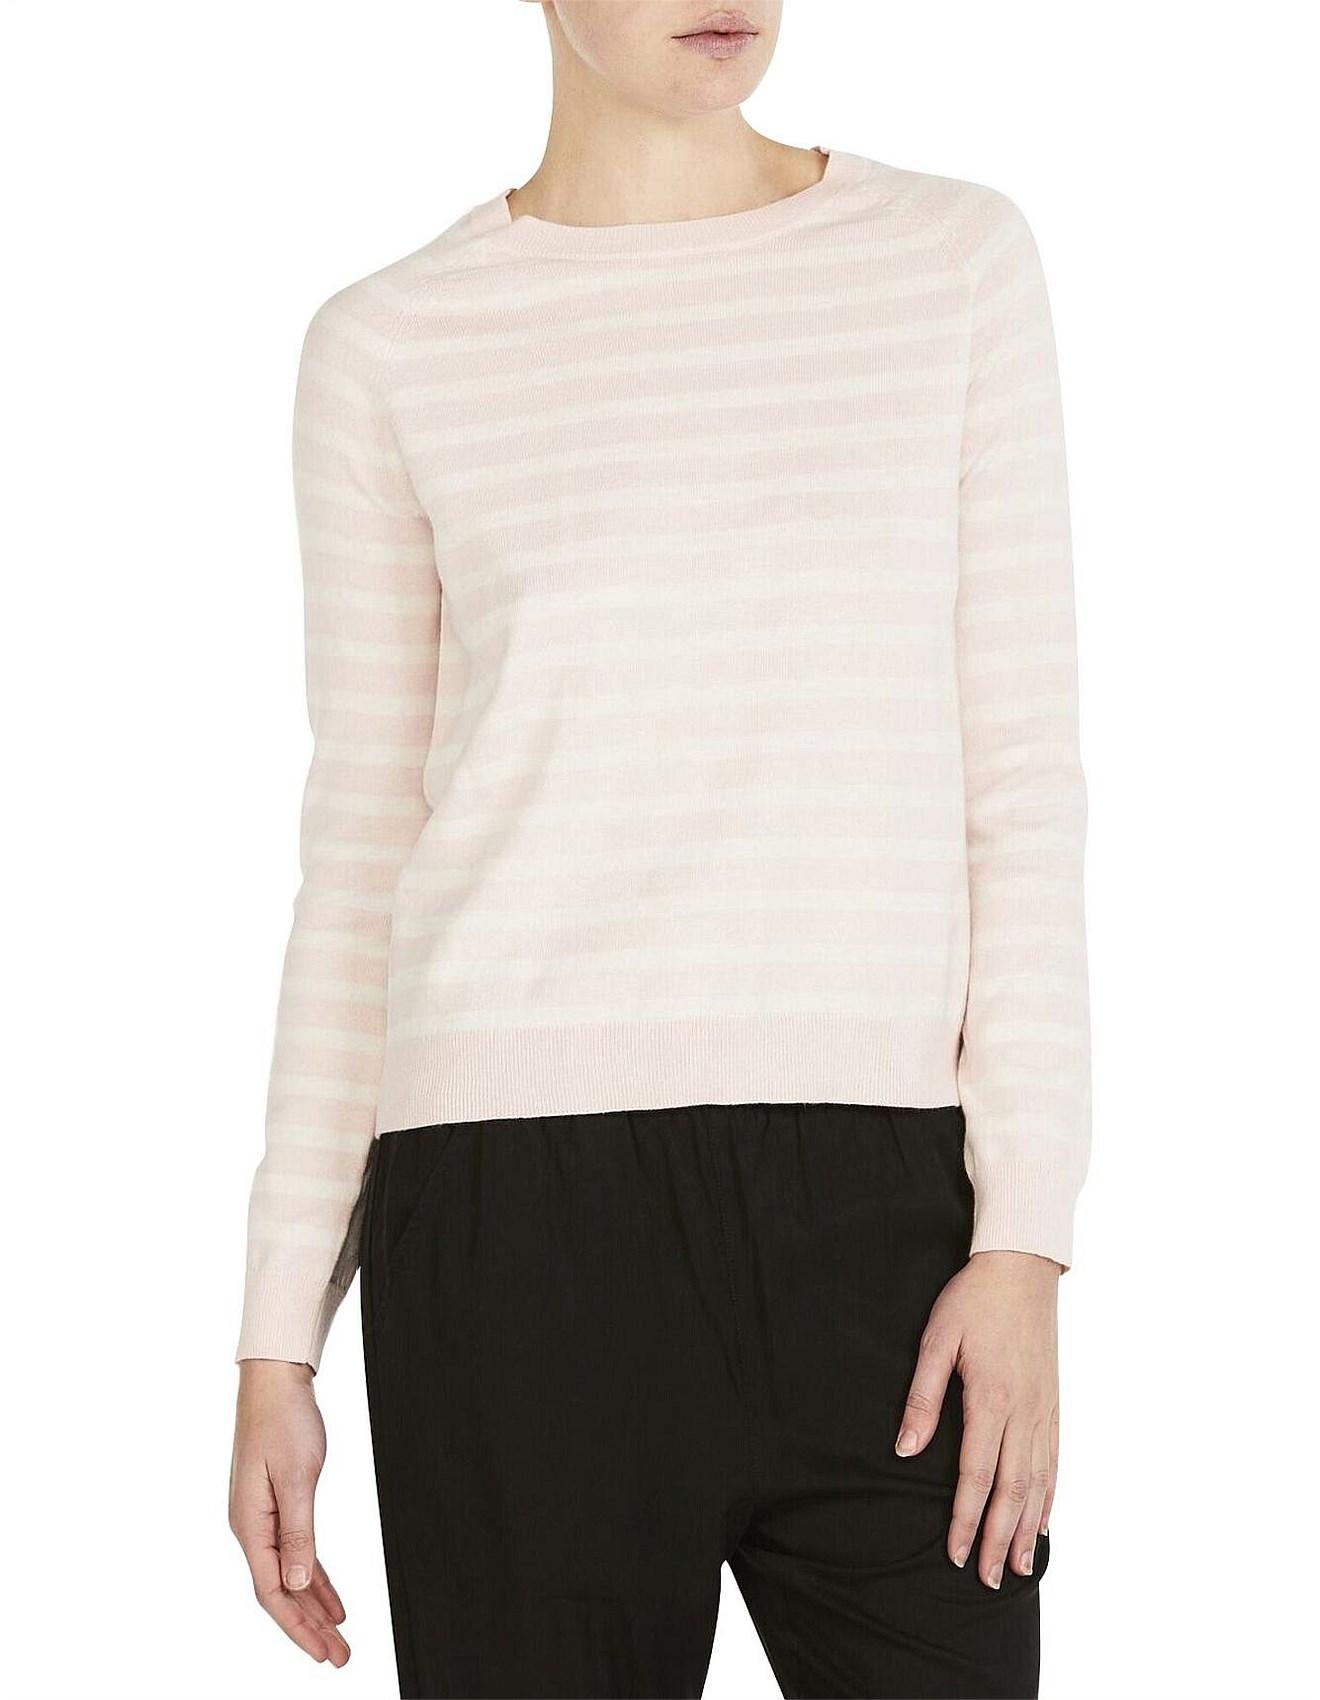 knitwear women 39 s knitwear sweaters online david. Black Bedroom Furniture Sets. Home Design Ideas